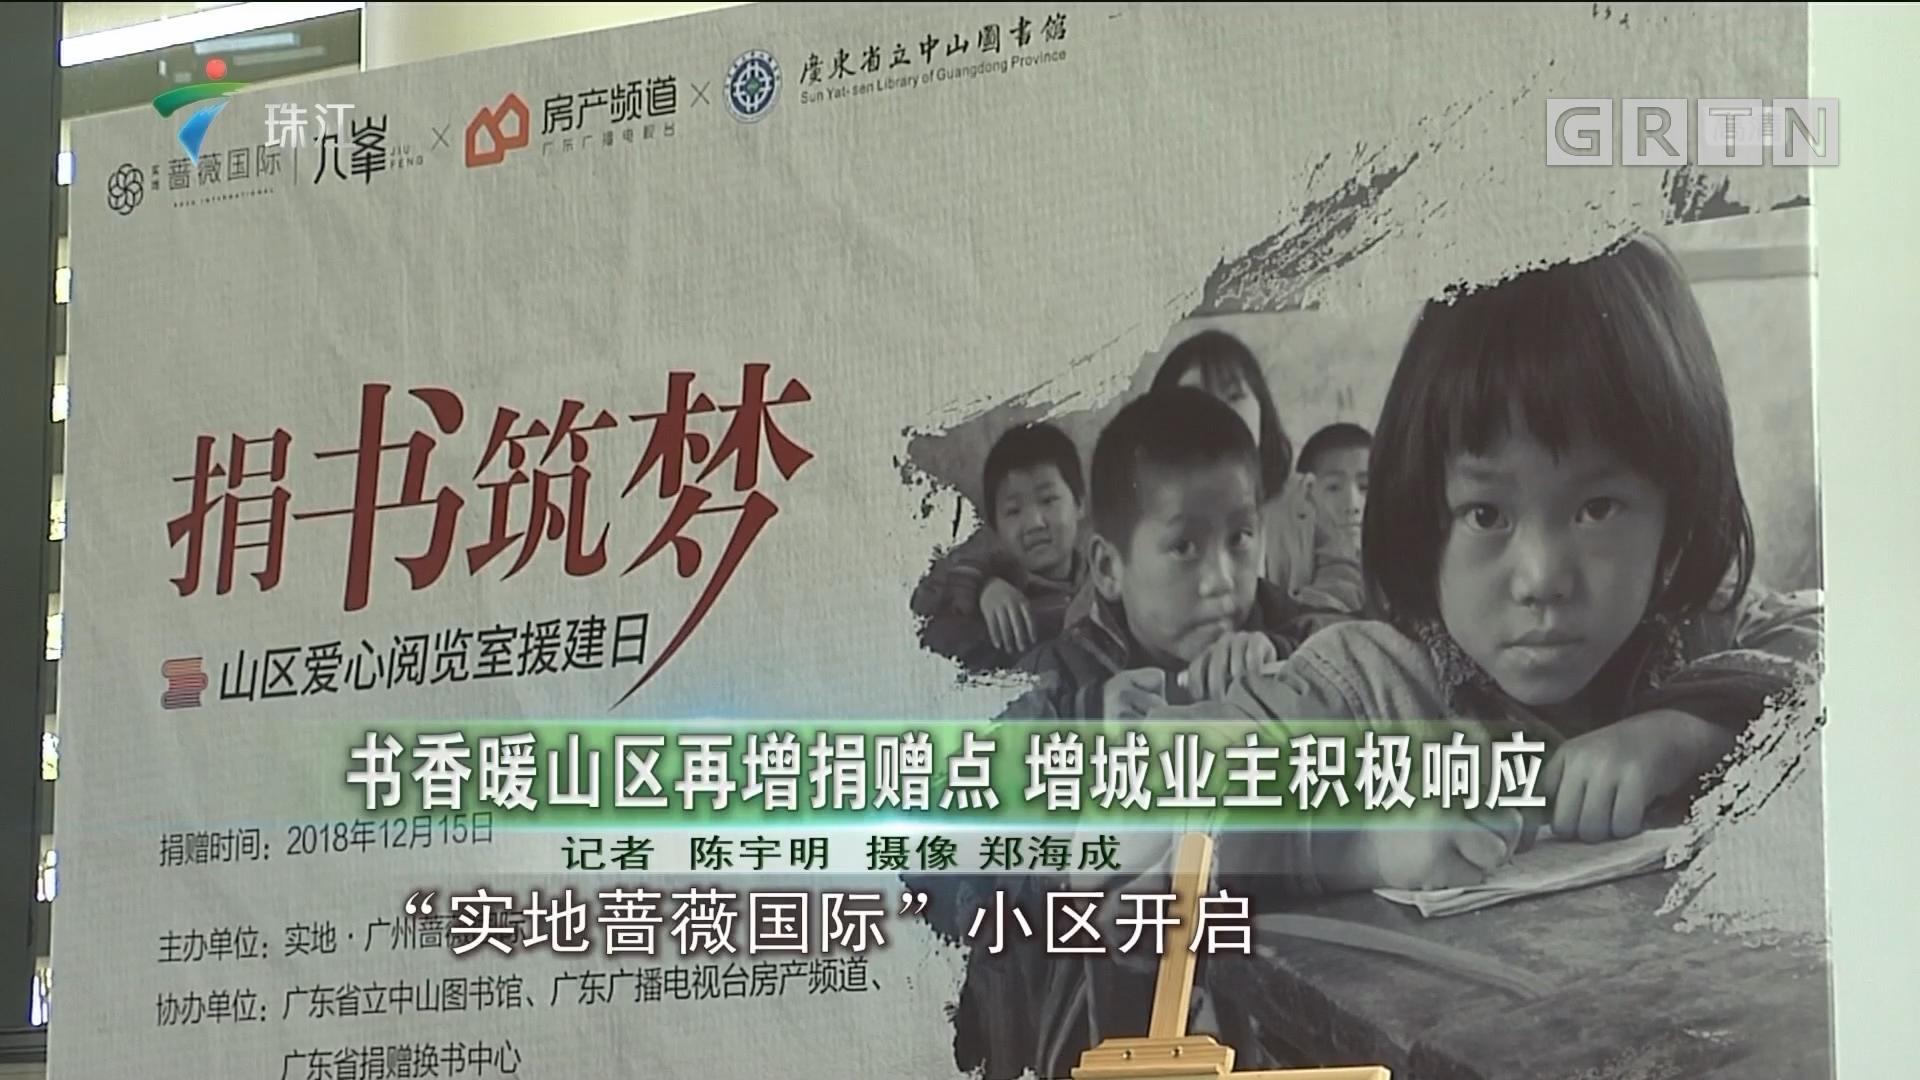 书香暖山区再增捐赠点 增城业主积极响应